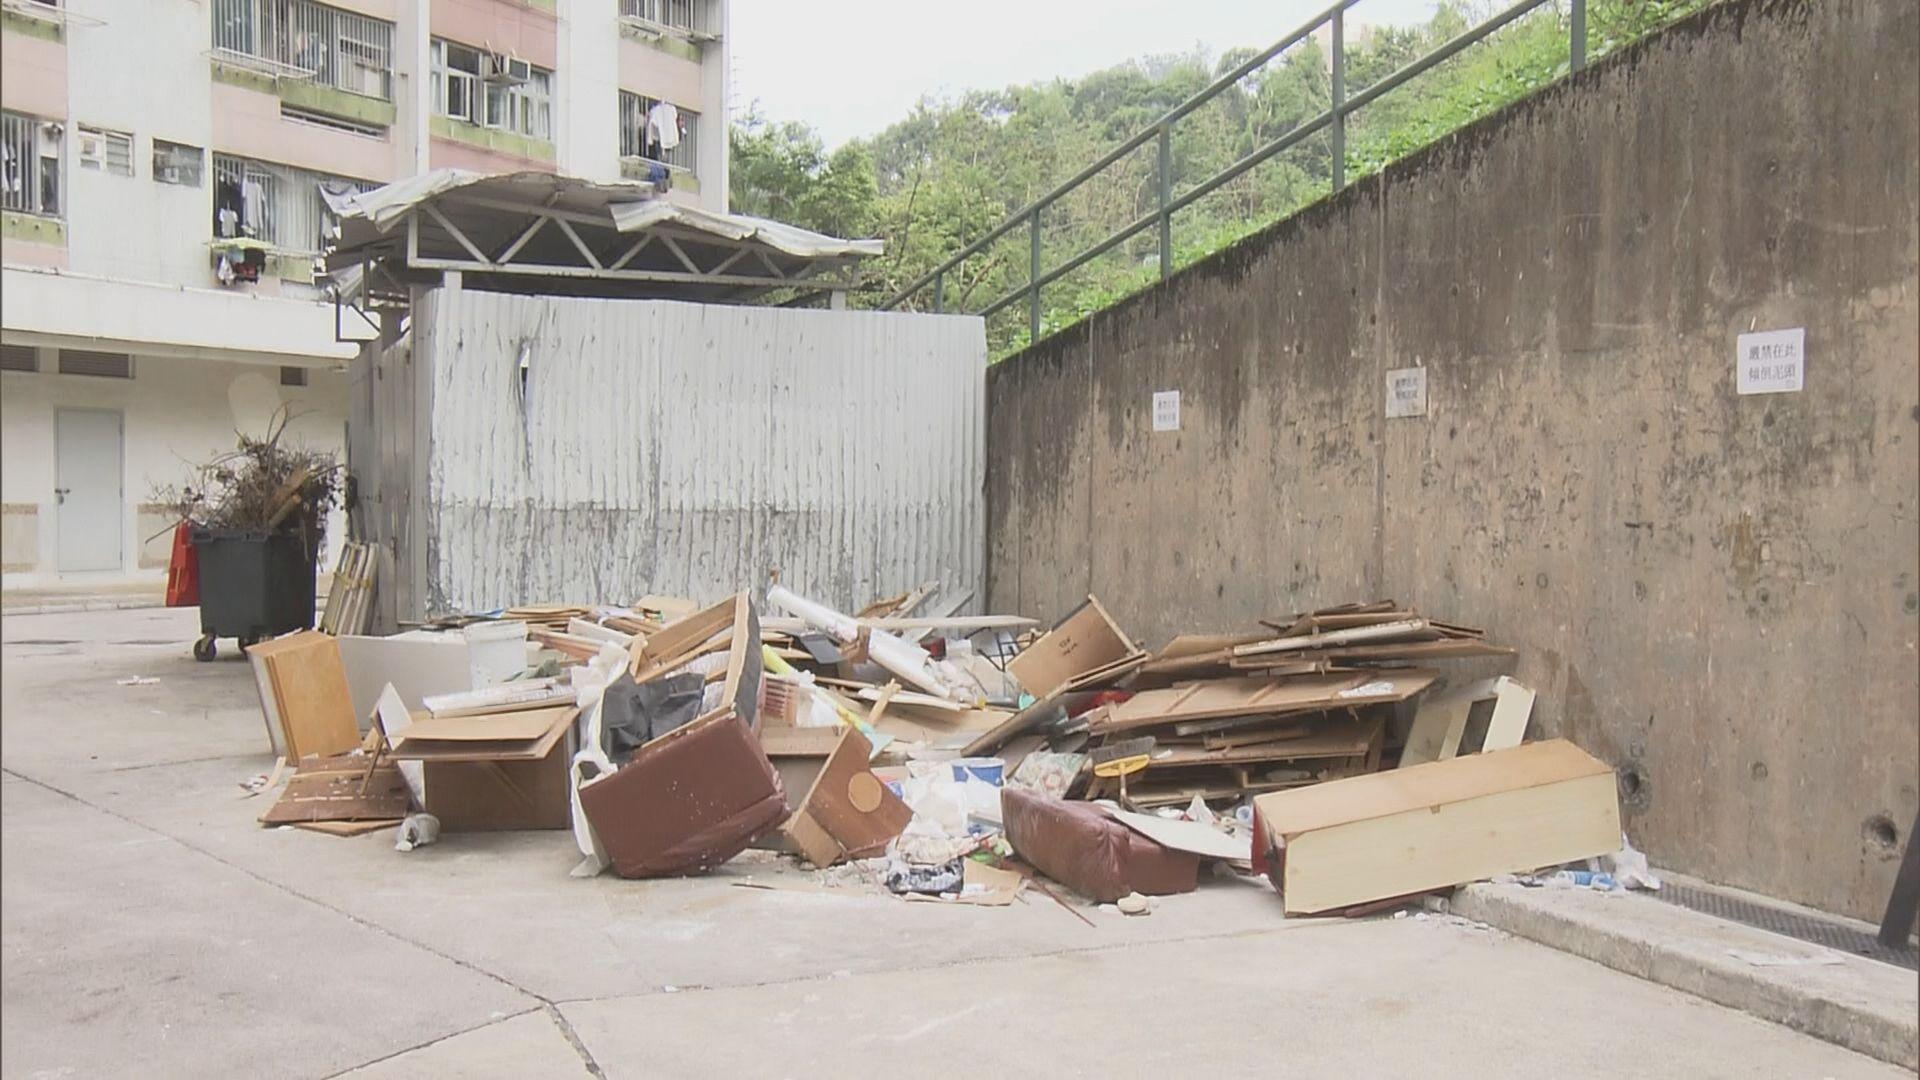 大鼠戊型肝炎患者居住的彩雲邨多處堆放垃圾